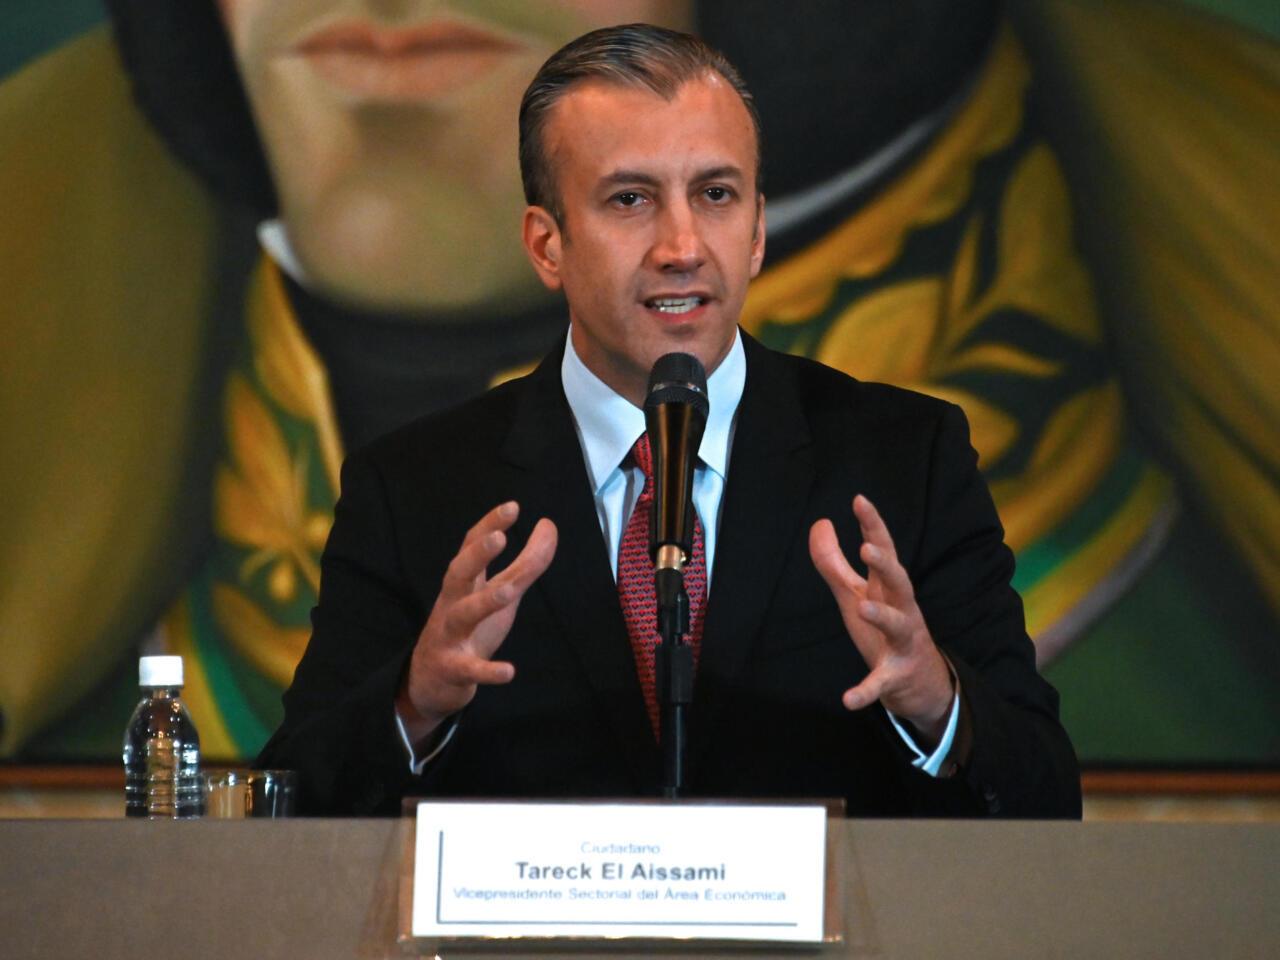 Tareck El Aissami es el nuevo ministro de Petróleo de Venezuela